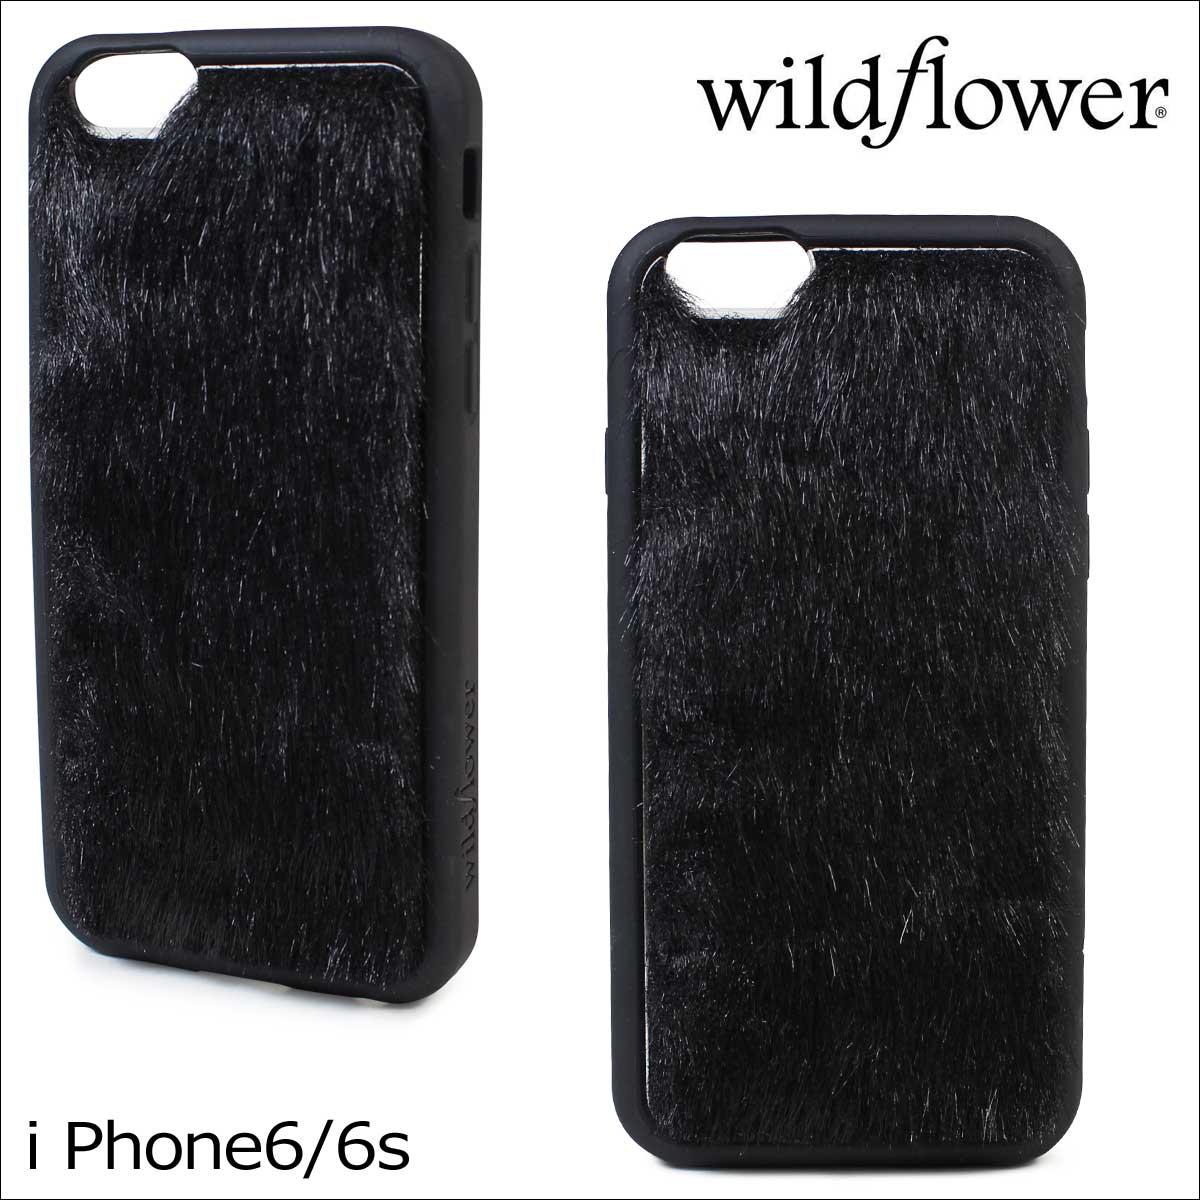 wildflower ワイルドフラワー iPhone8 SE 7 6 6s ケース スマホ 携帯 アイフォン レディース ブラック 黒 BFUR ネコポス可